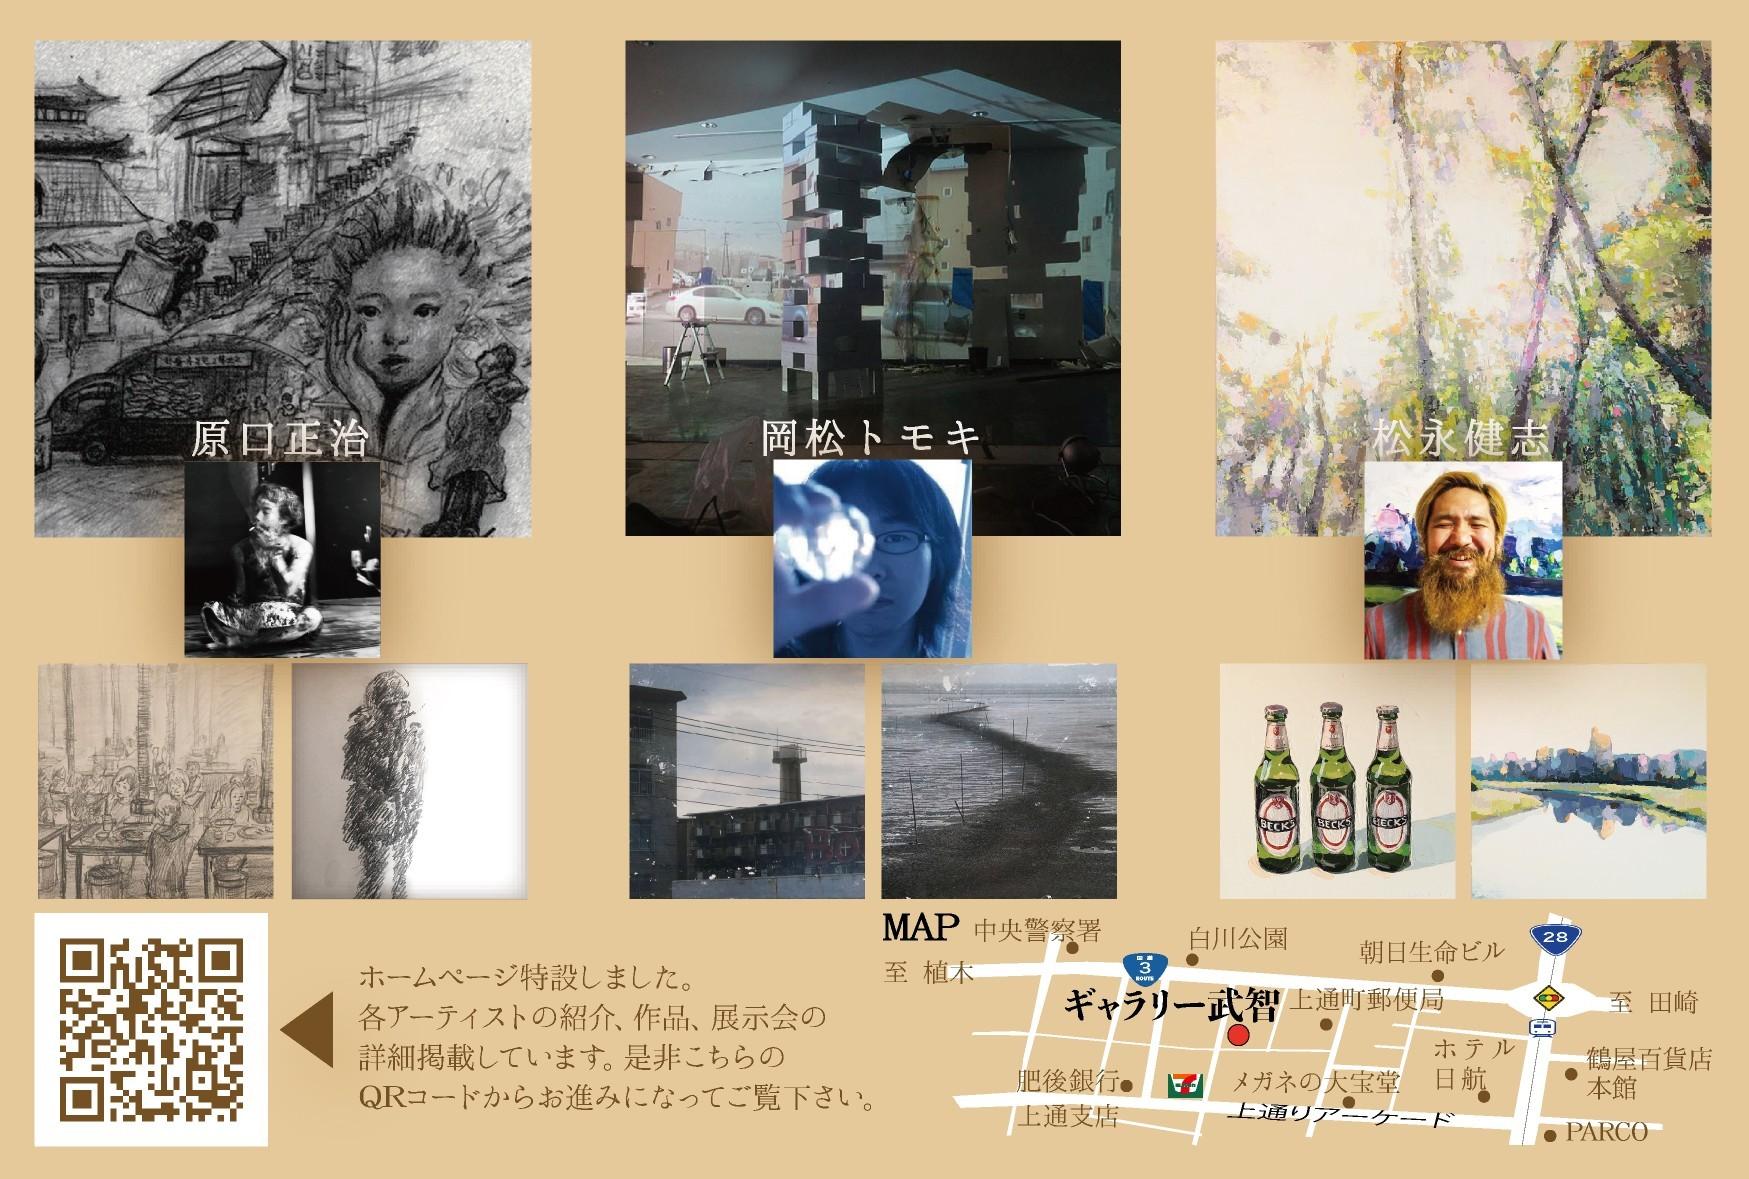 2018/8/12~8/18 『ハンジャンジュセヨ』展に参加します @ギャラリー武智_f0159642_11210675.jpg